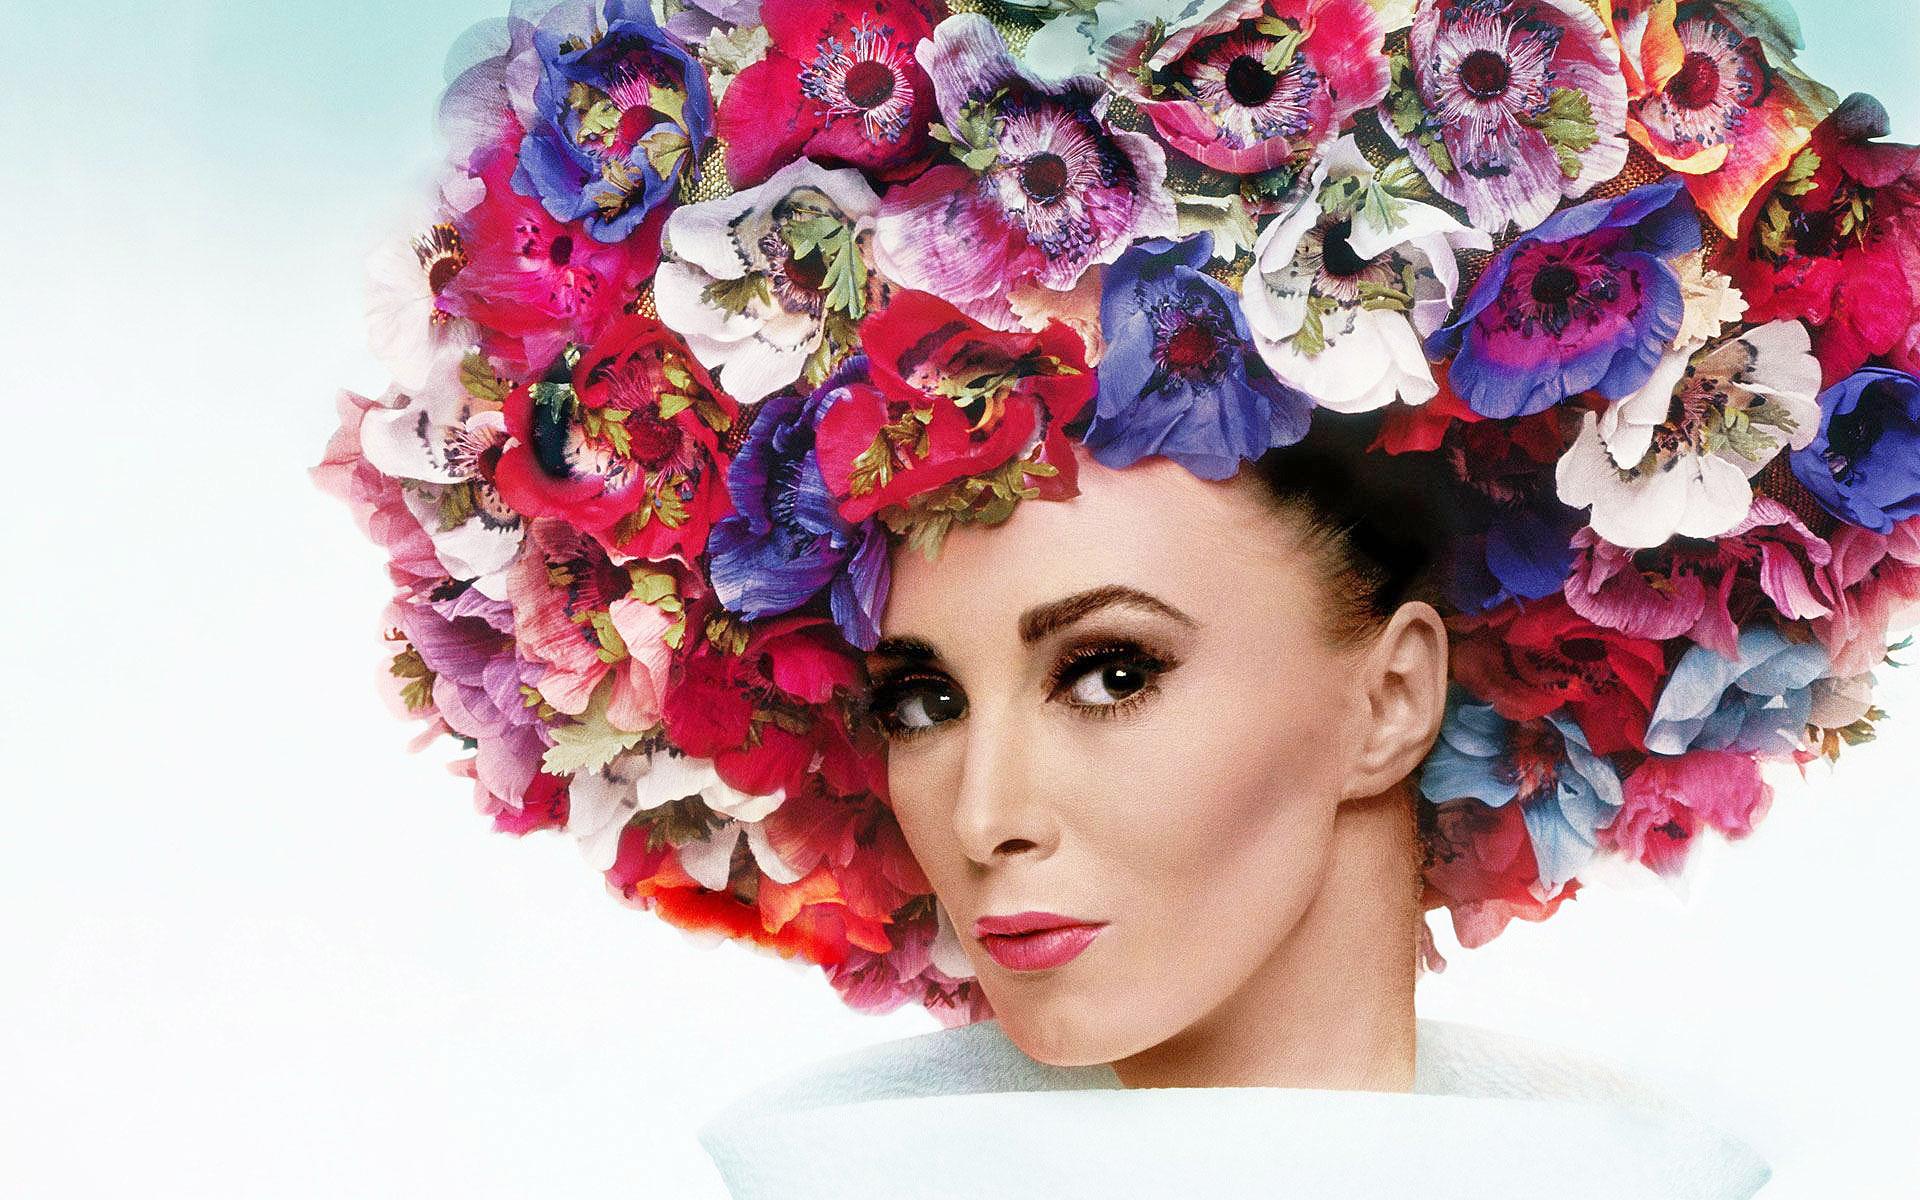 Книга Стивена Джонса о роскошных головных уборах Dior